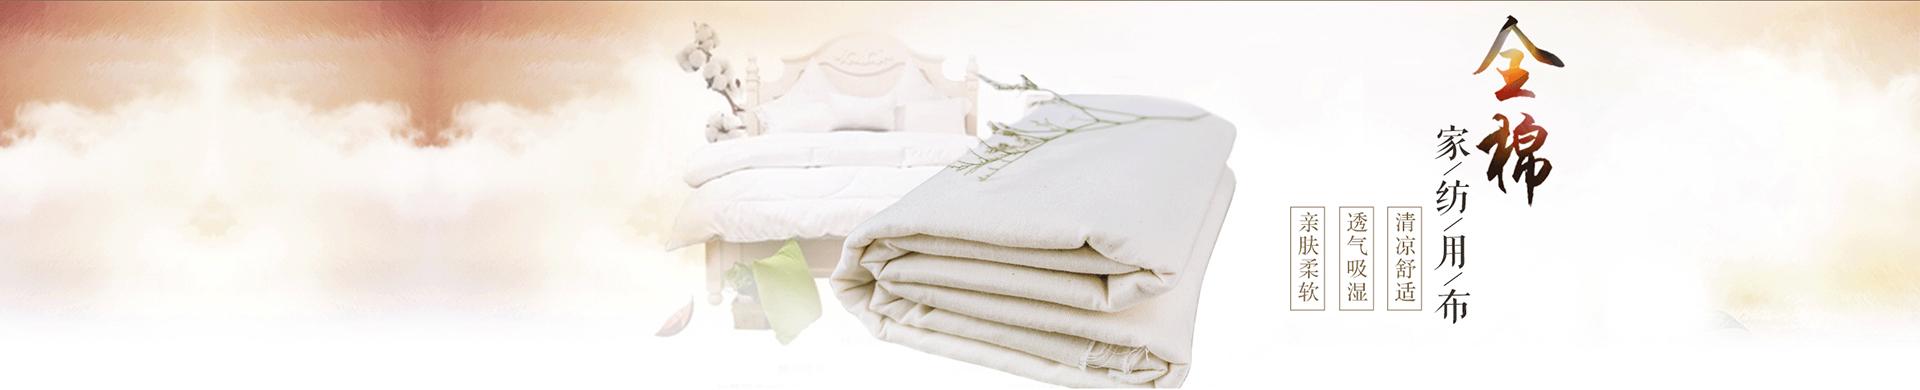 全棉家纺布料